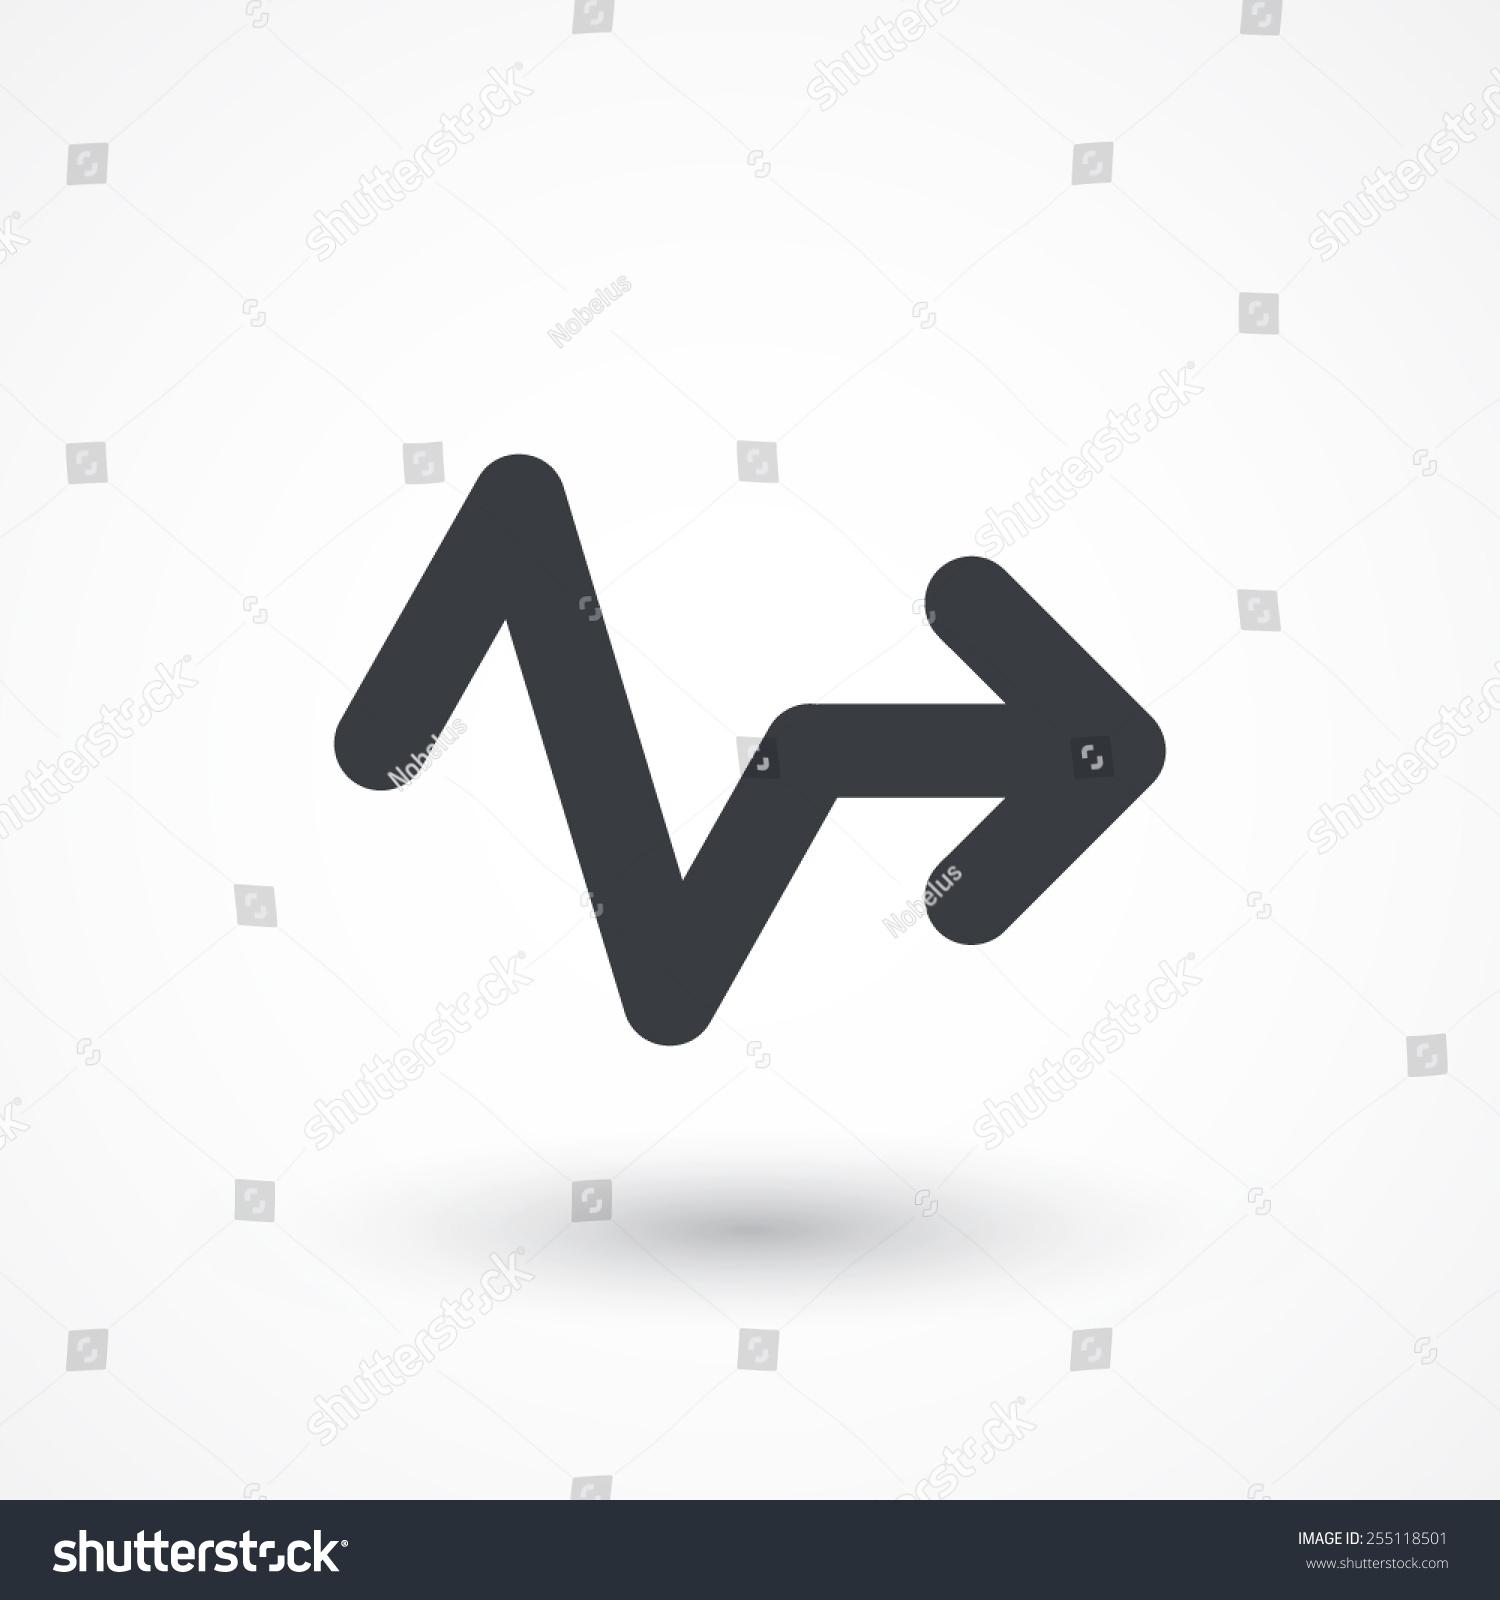 不规则的锯齿形线的箭头指向右边的图标-符号/标志